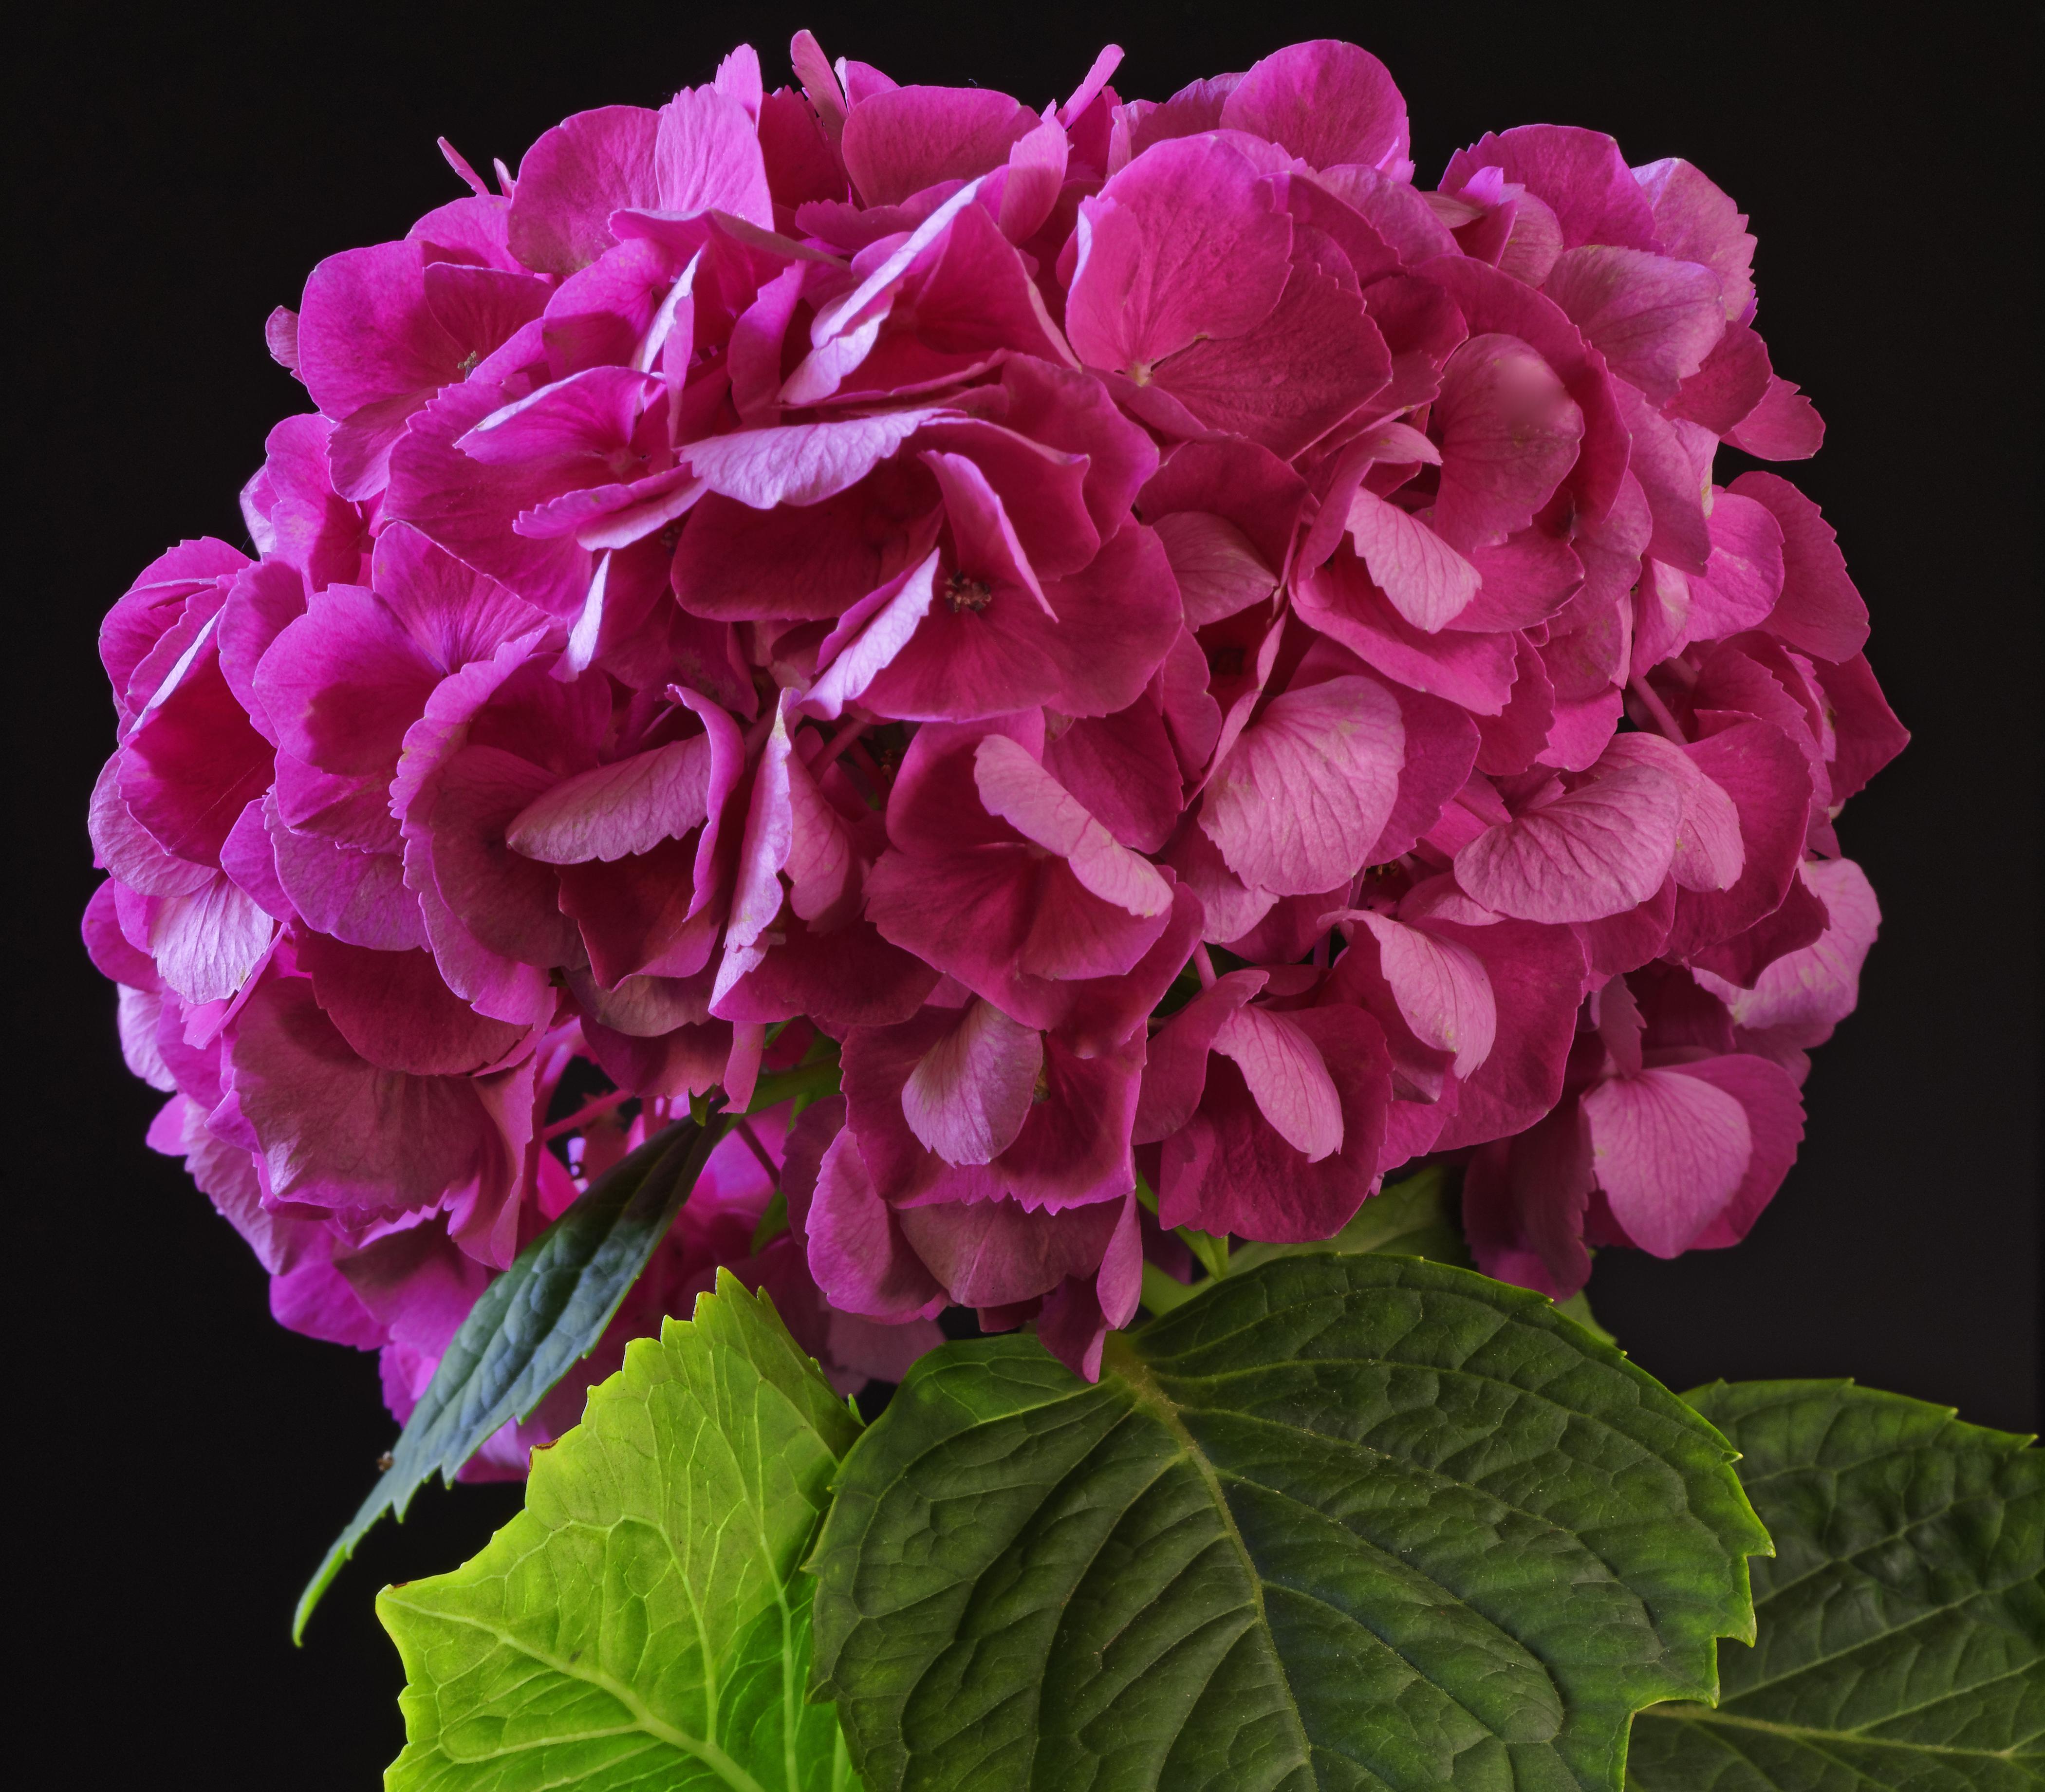 Фотографии Розовый Цветы Гортензия вблизи Черный фон 4200x3680 розовых розовые розовая цветок на черном фоне Крупным планом